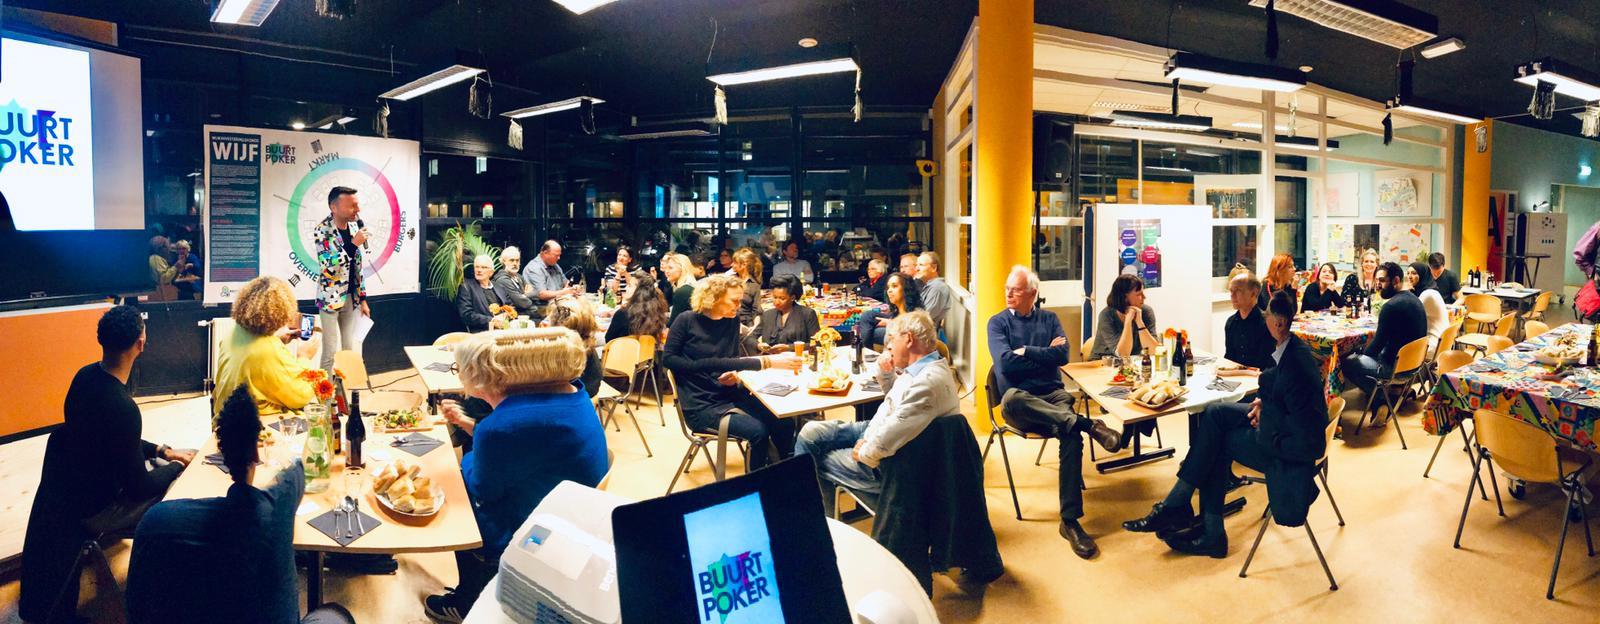 Community-building in Delfshaven Rotterdam